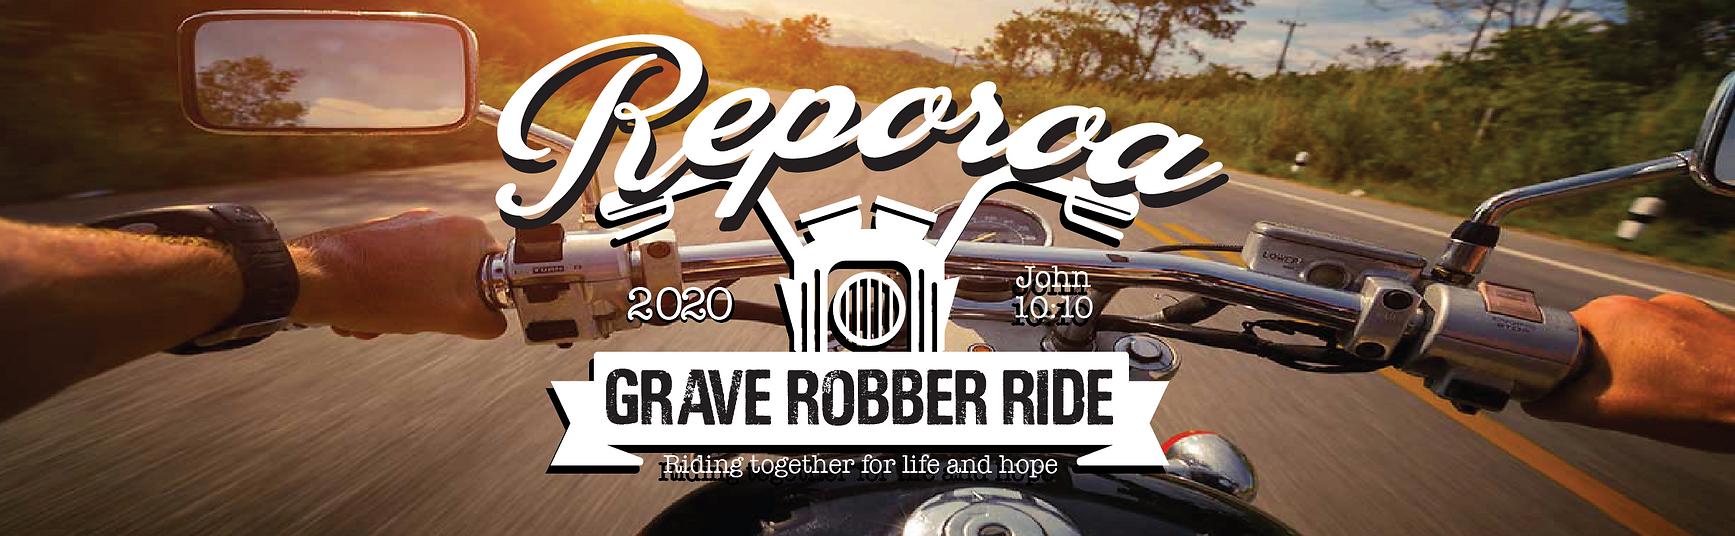 Reporoa Grave robber 2020 facebook banne